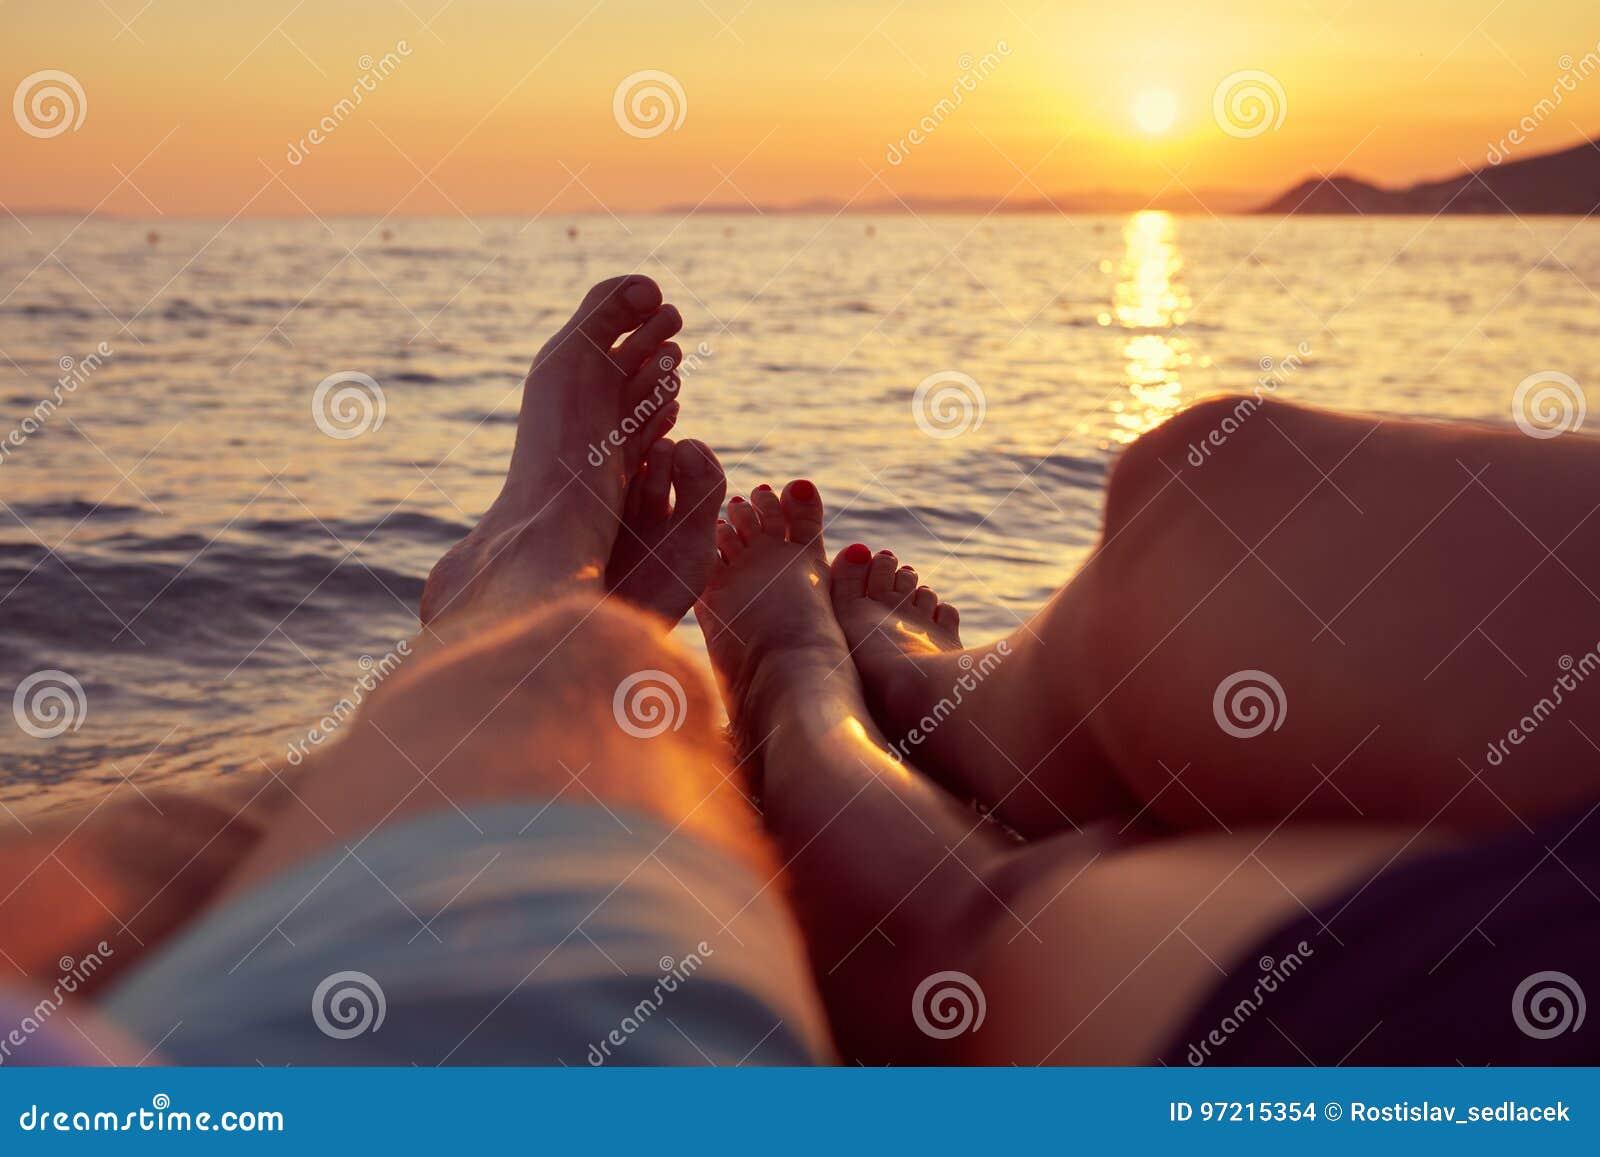 Фото мужских ног с пляжа